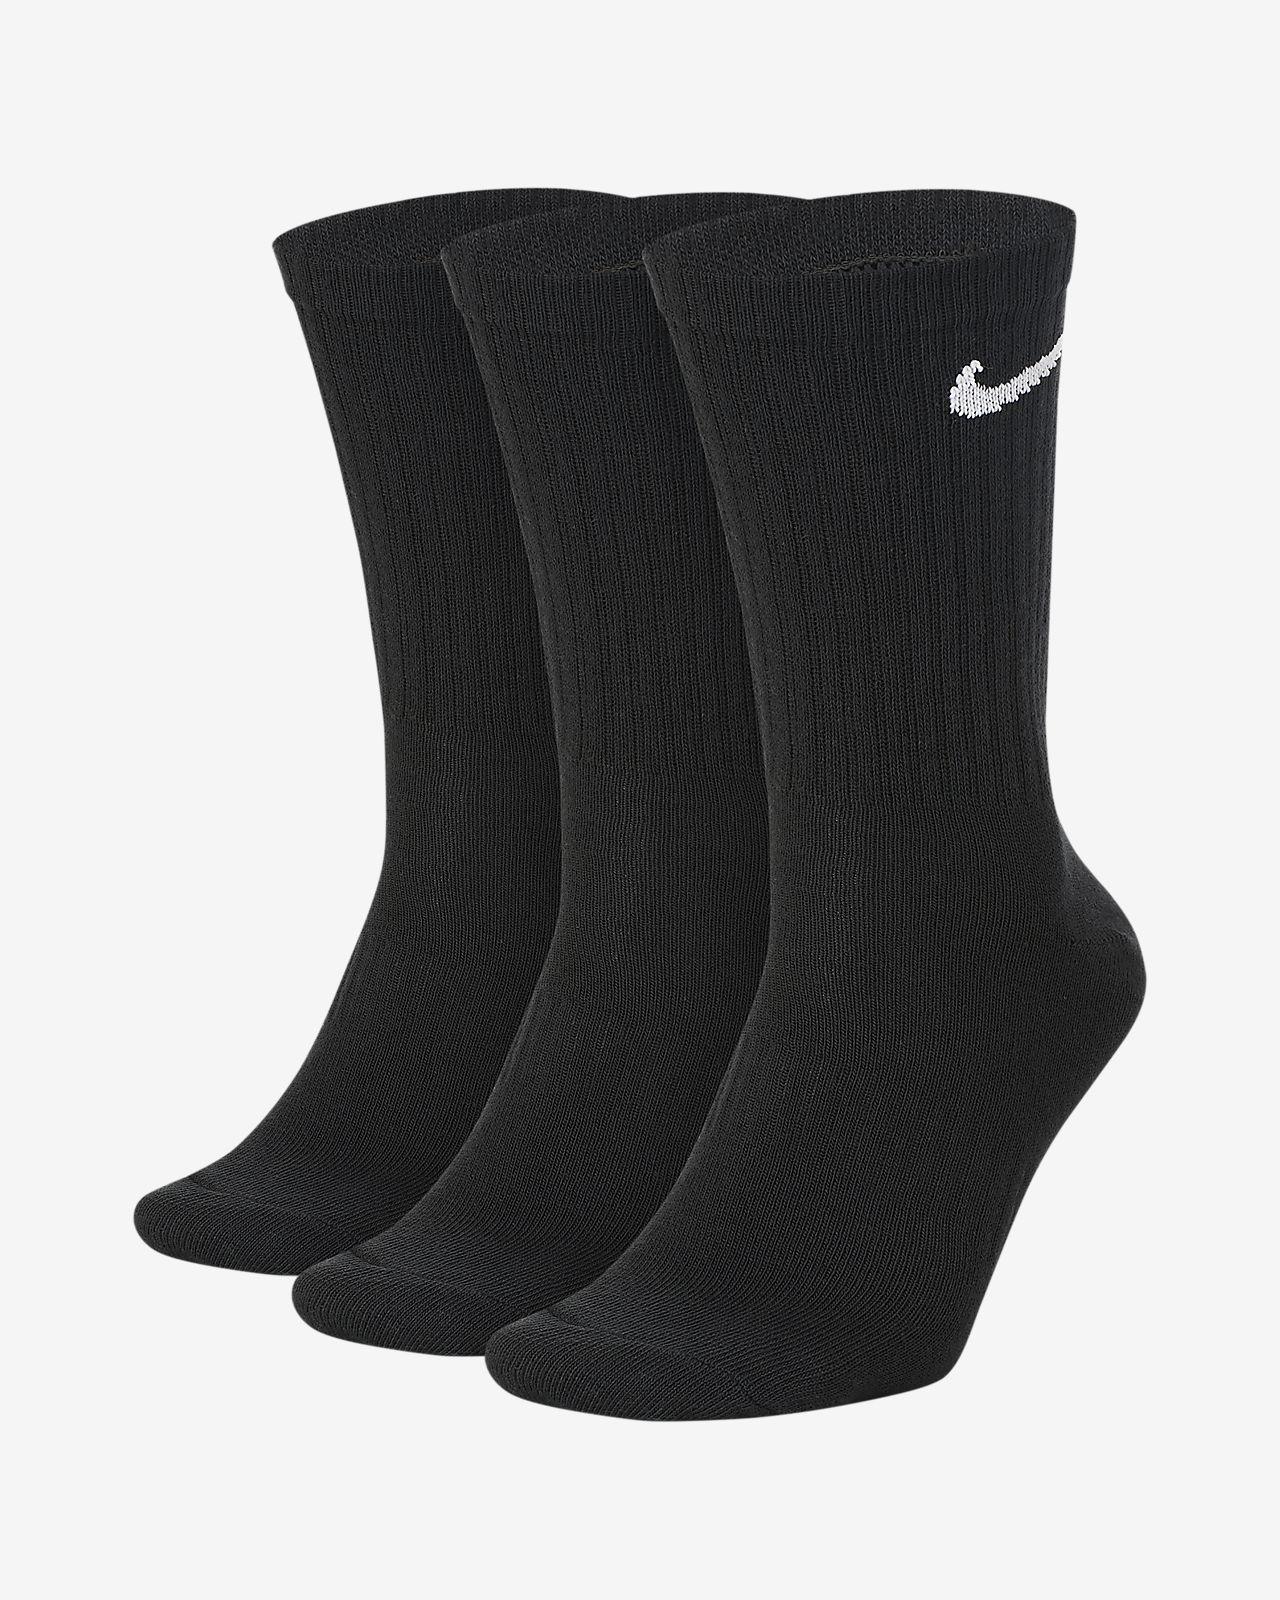 Ανδρικές ανάλαφρες κάλτσες προπόνησης Nike Everyday (3 ζευγάρια)